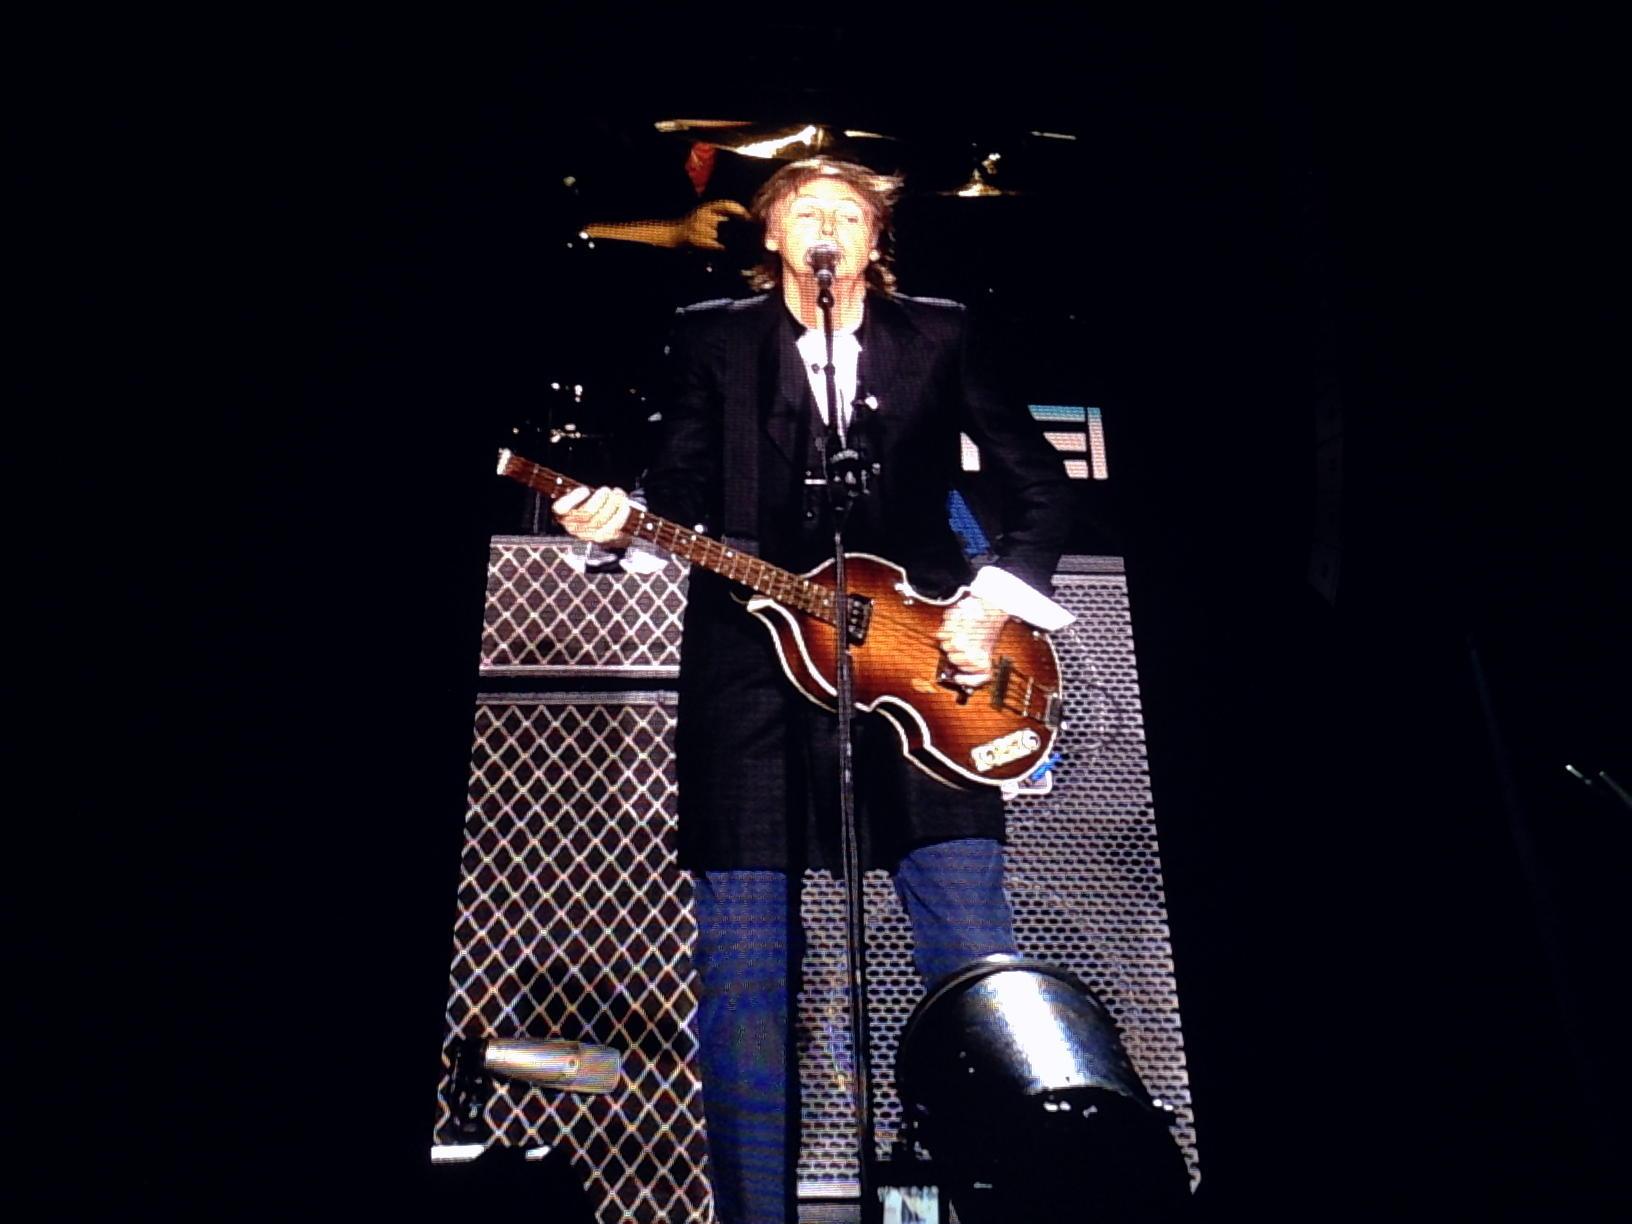 繁忙期にゴメンナサイ!ポール・マッカートニーのコンサートに行ってきました!!